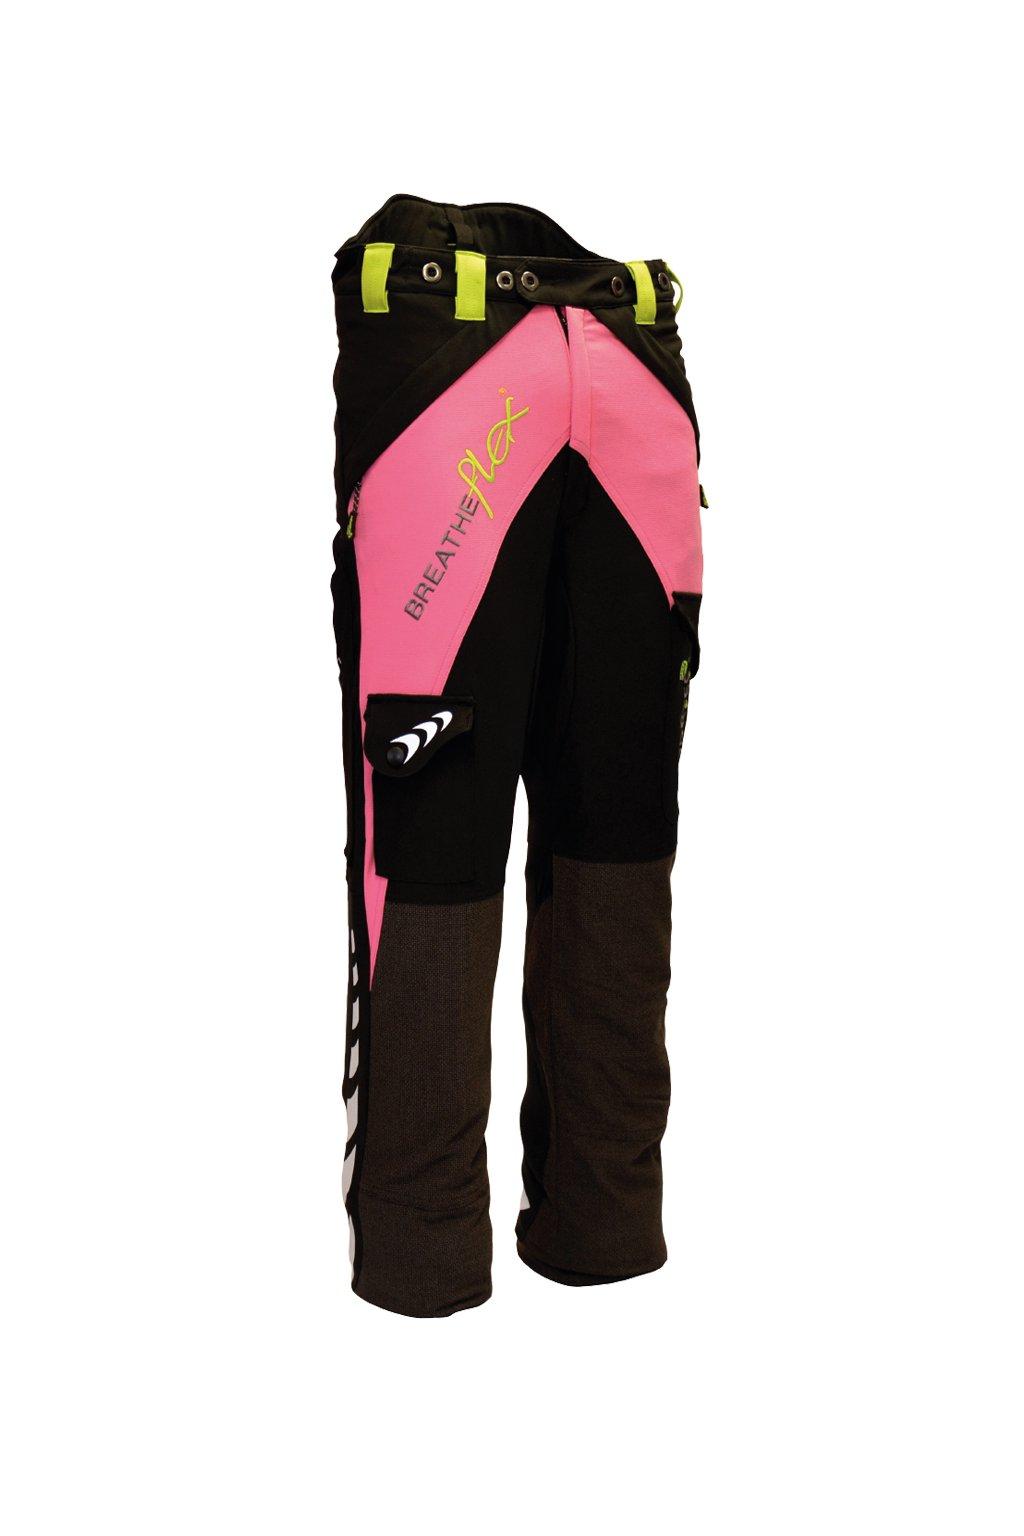 Protipořezové kalhoty Breatheflex Pink Class1/TypeA Reg